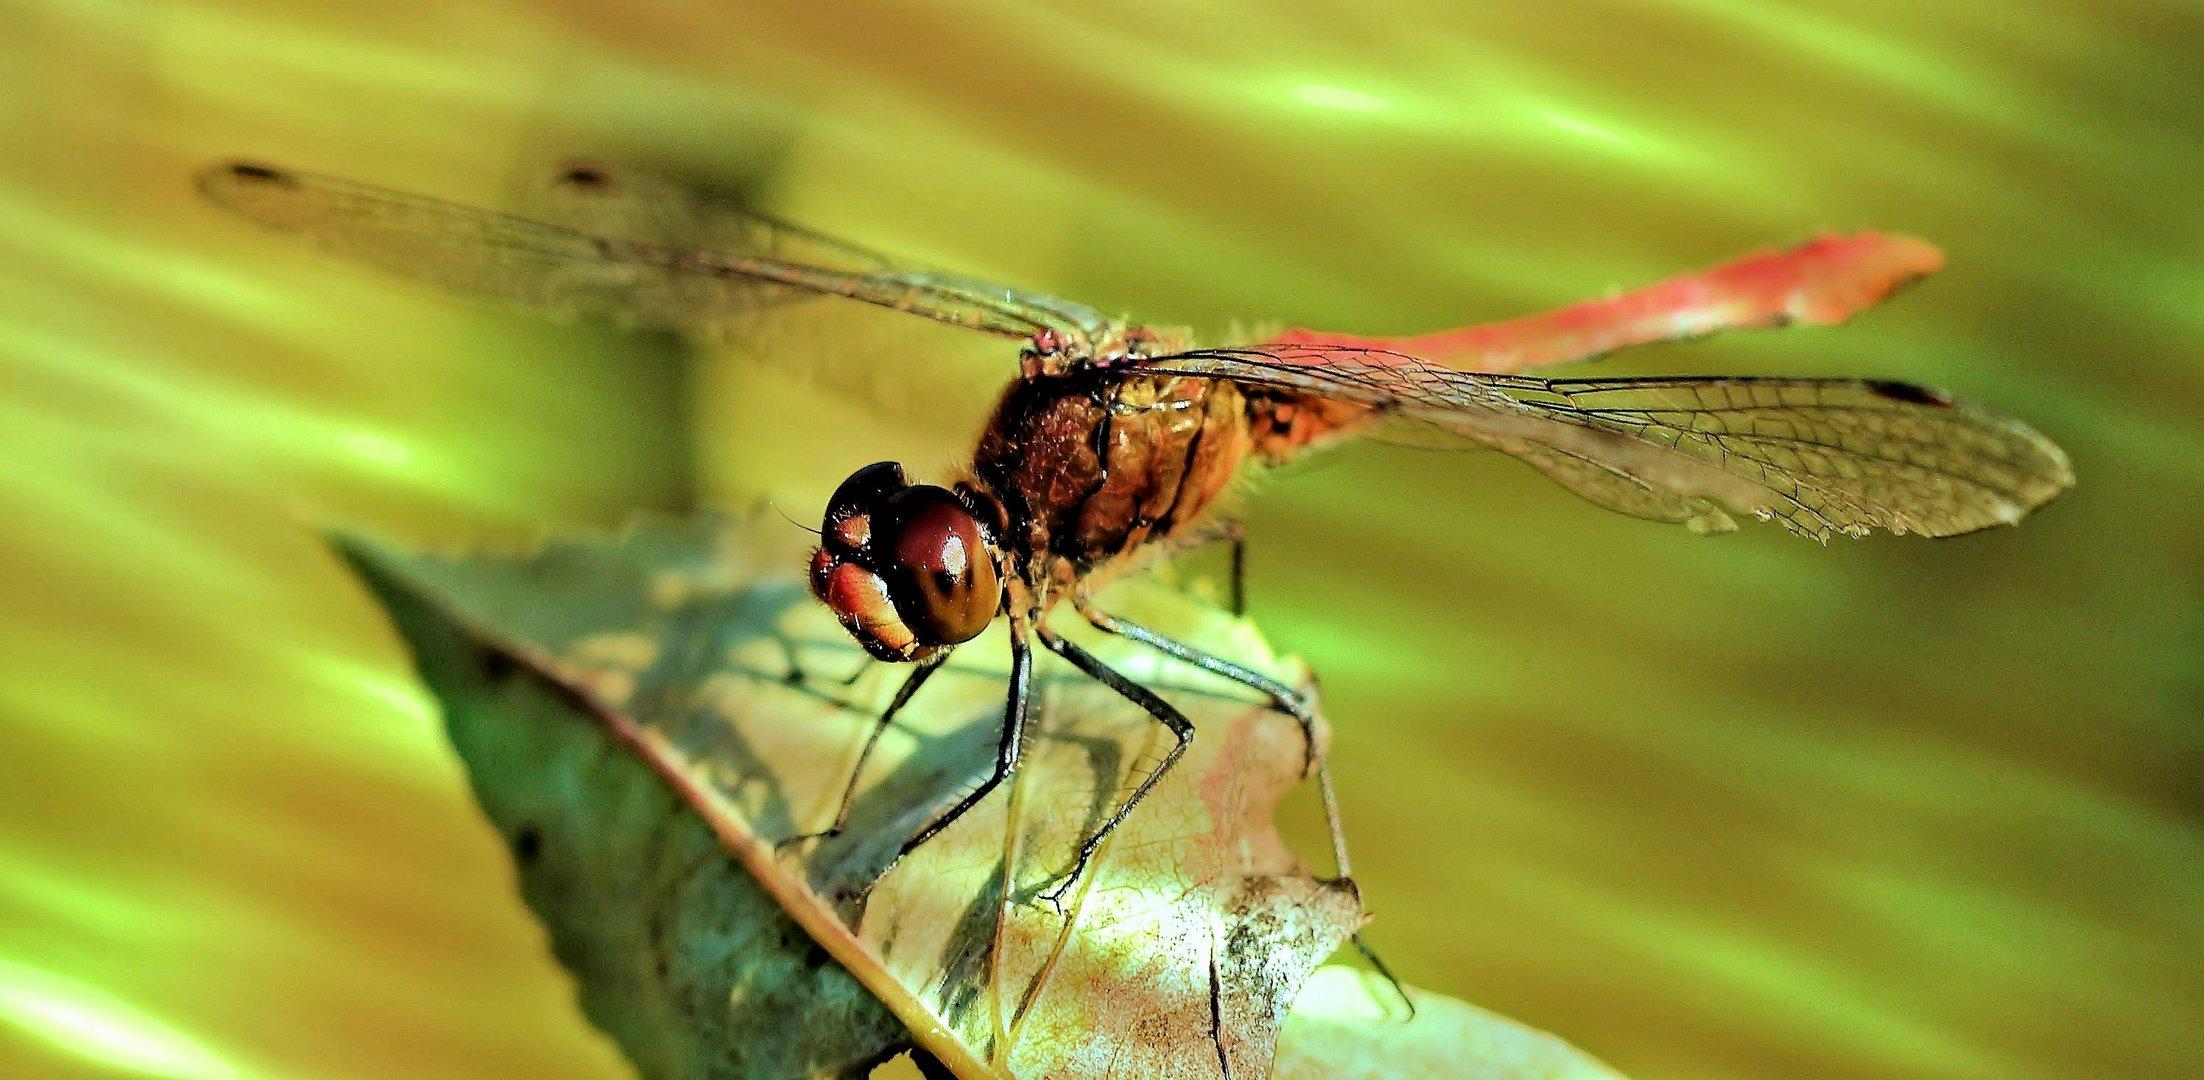 Lichtspielerei mit einer Libelle